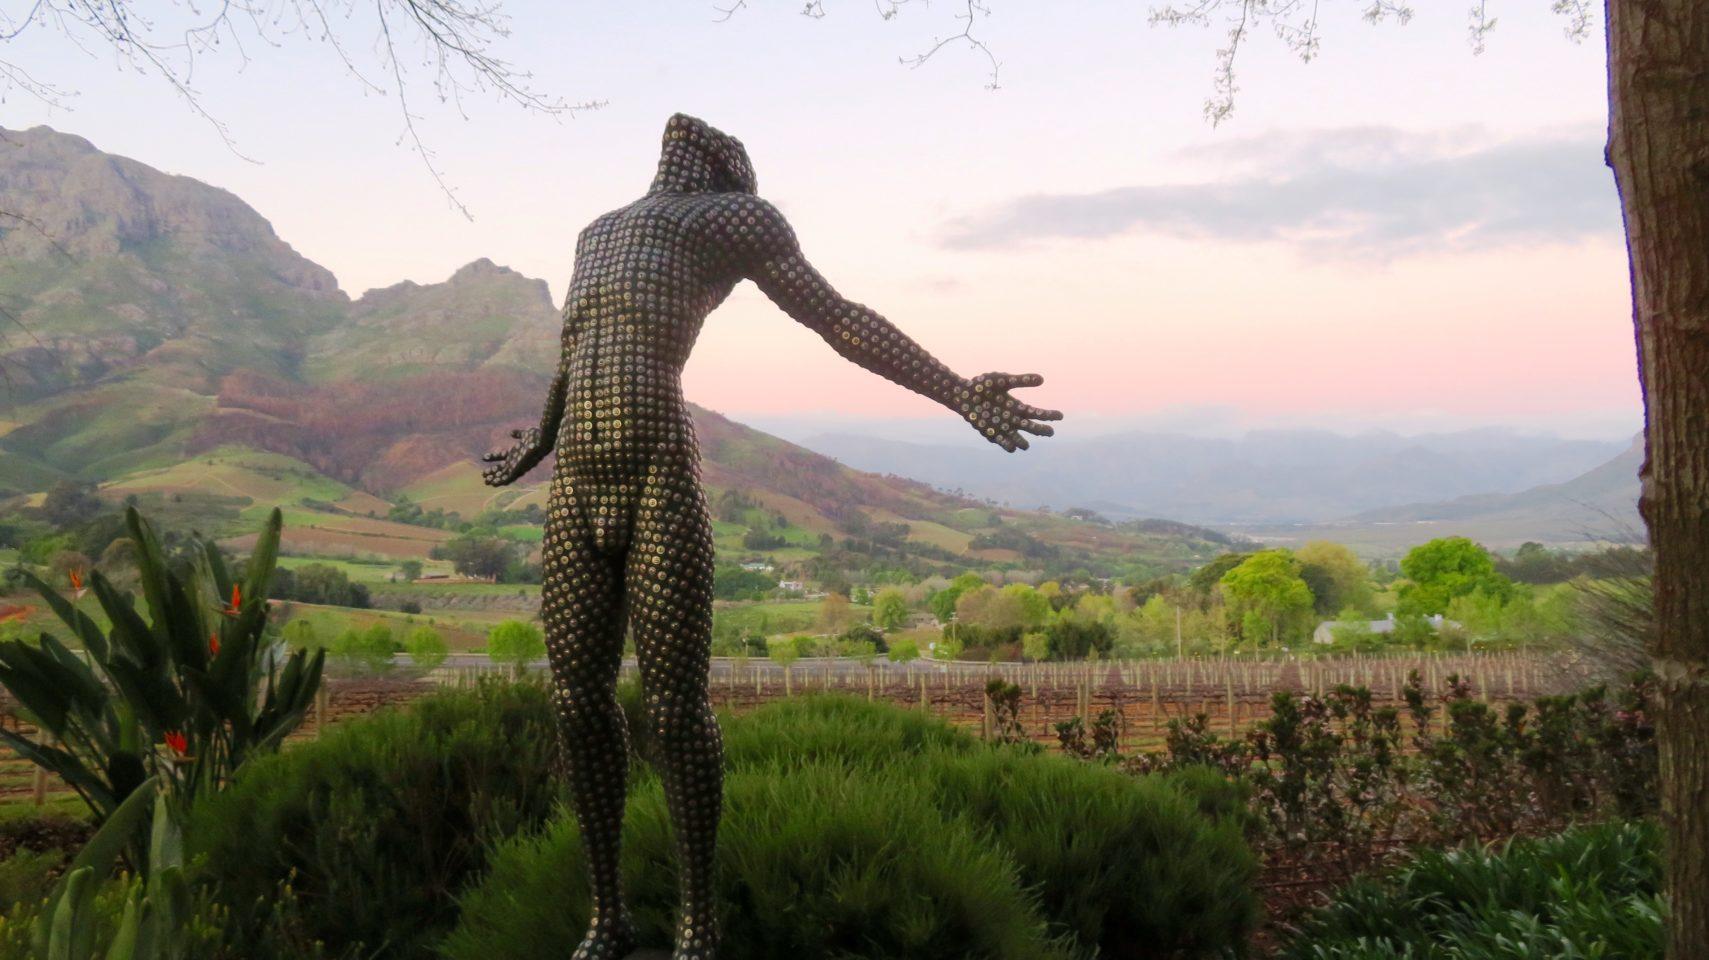 Delaire Graff wineyard in Stellenbosch, South Africa